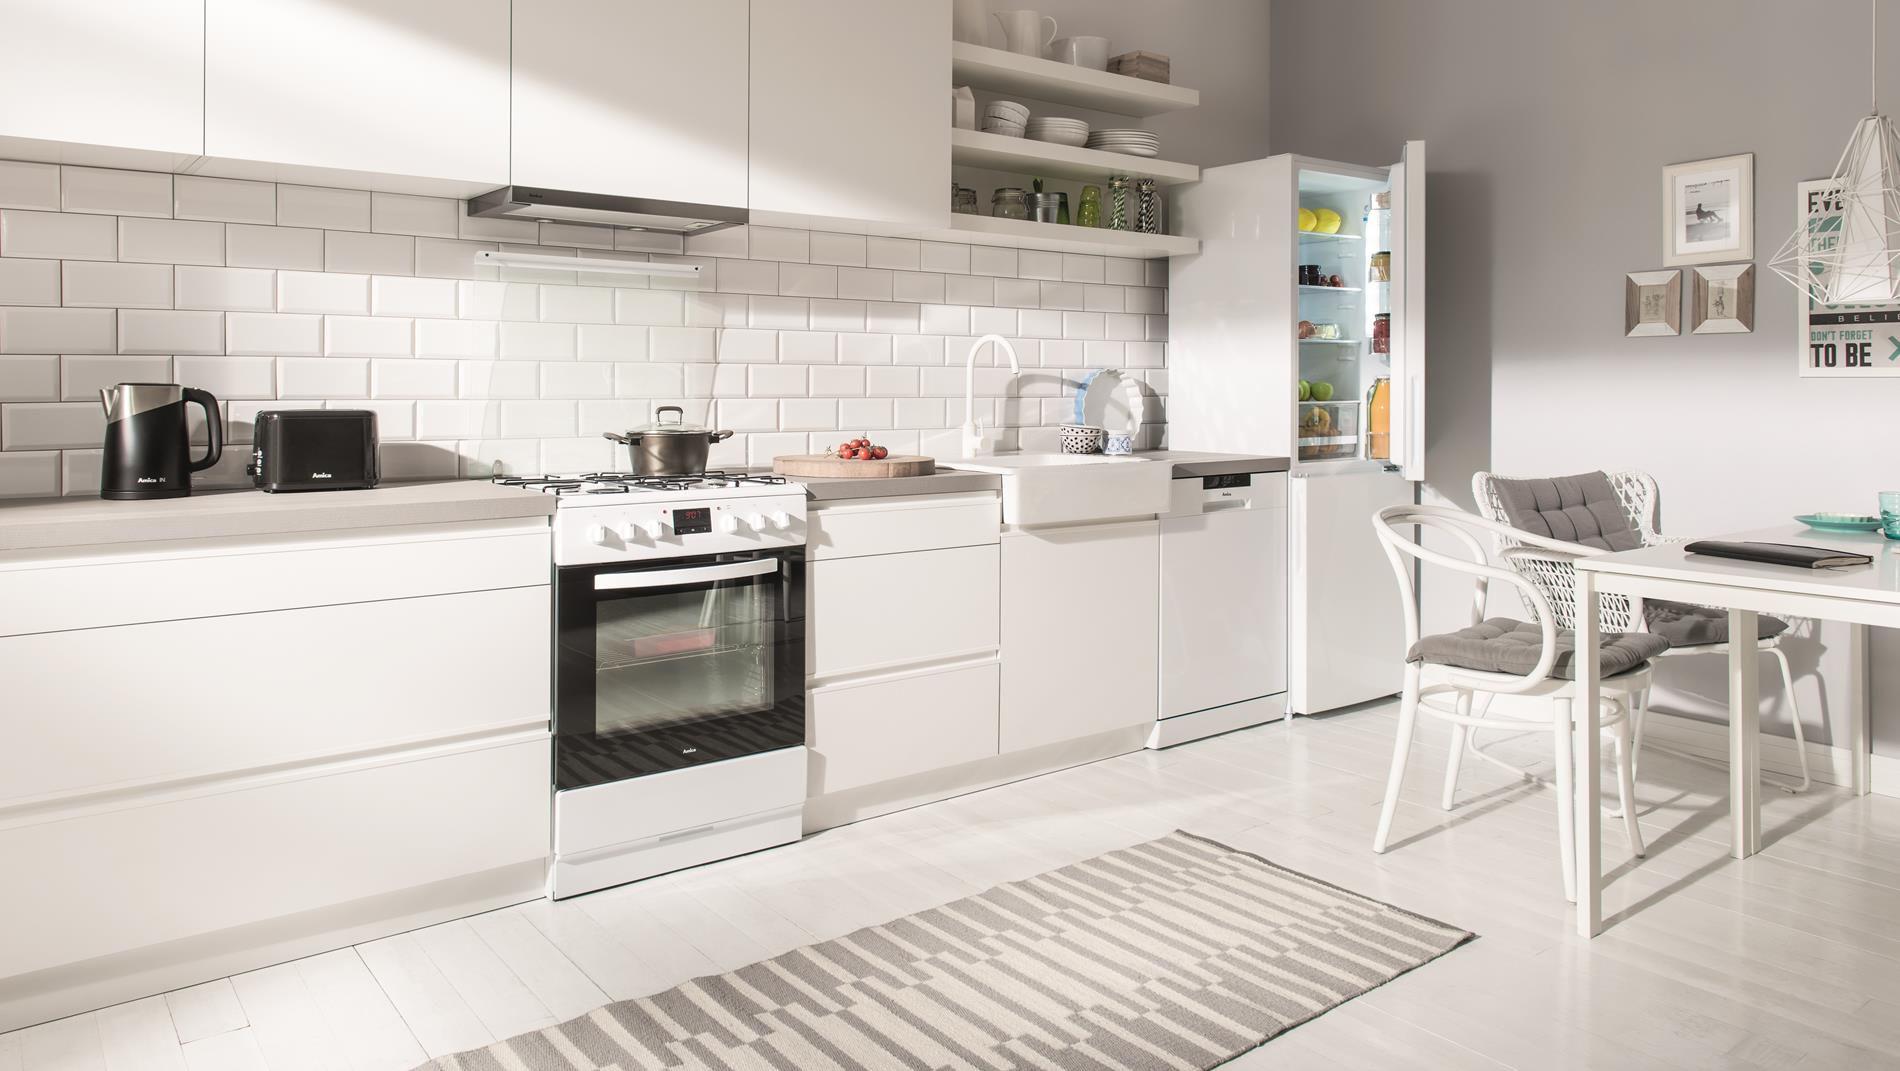 Kuchnia wolnostojąca gazowo elektryczna 600 620GE3 33ZpTaDpNQ(W)  Amica -> Kuchnia Gazowo Elektryczna Amica Budowa